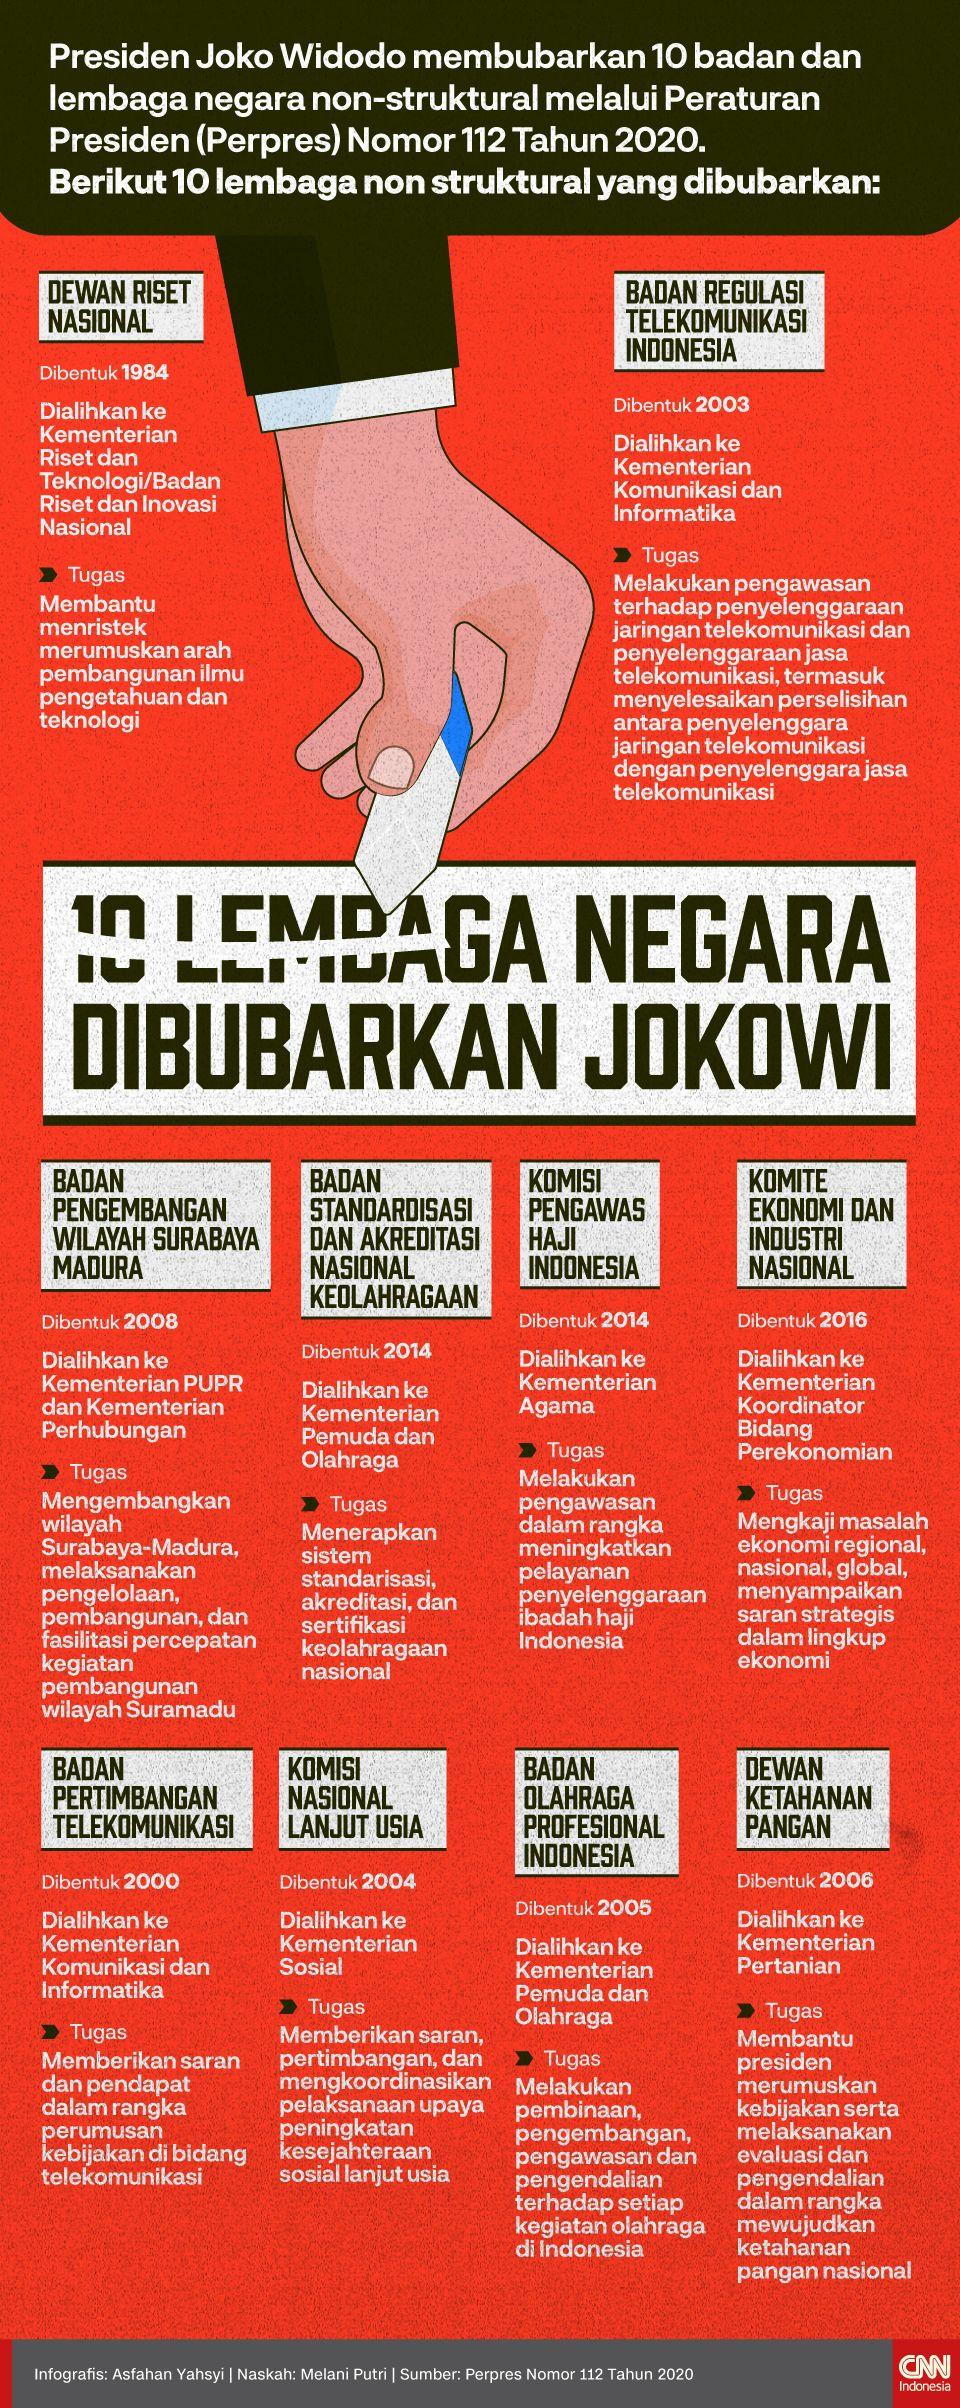 10 Lembaga Negara Dibubarkan Jokowi